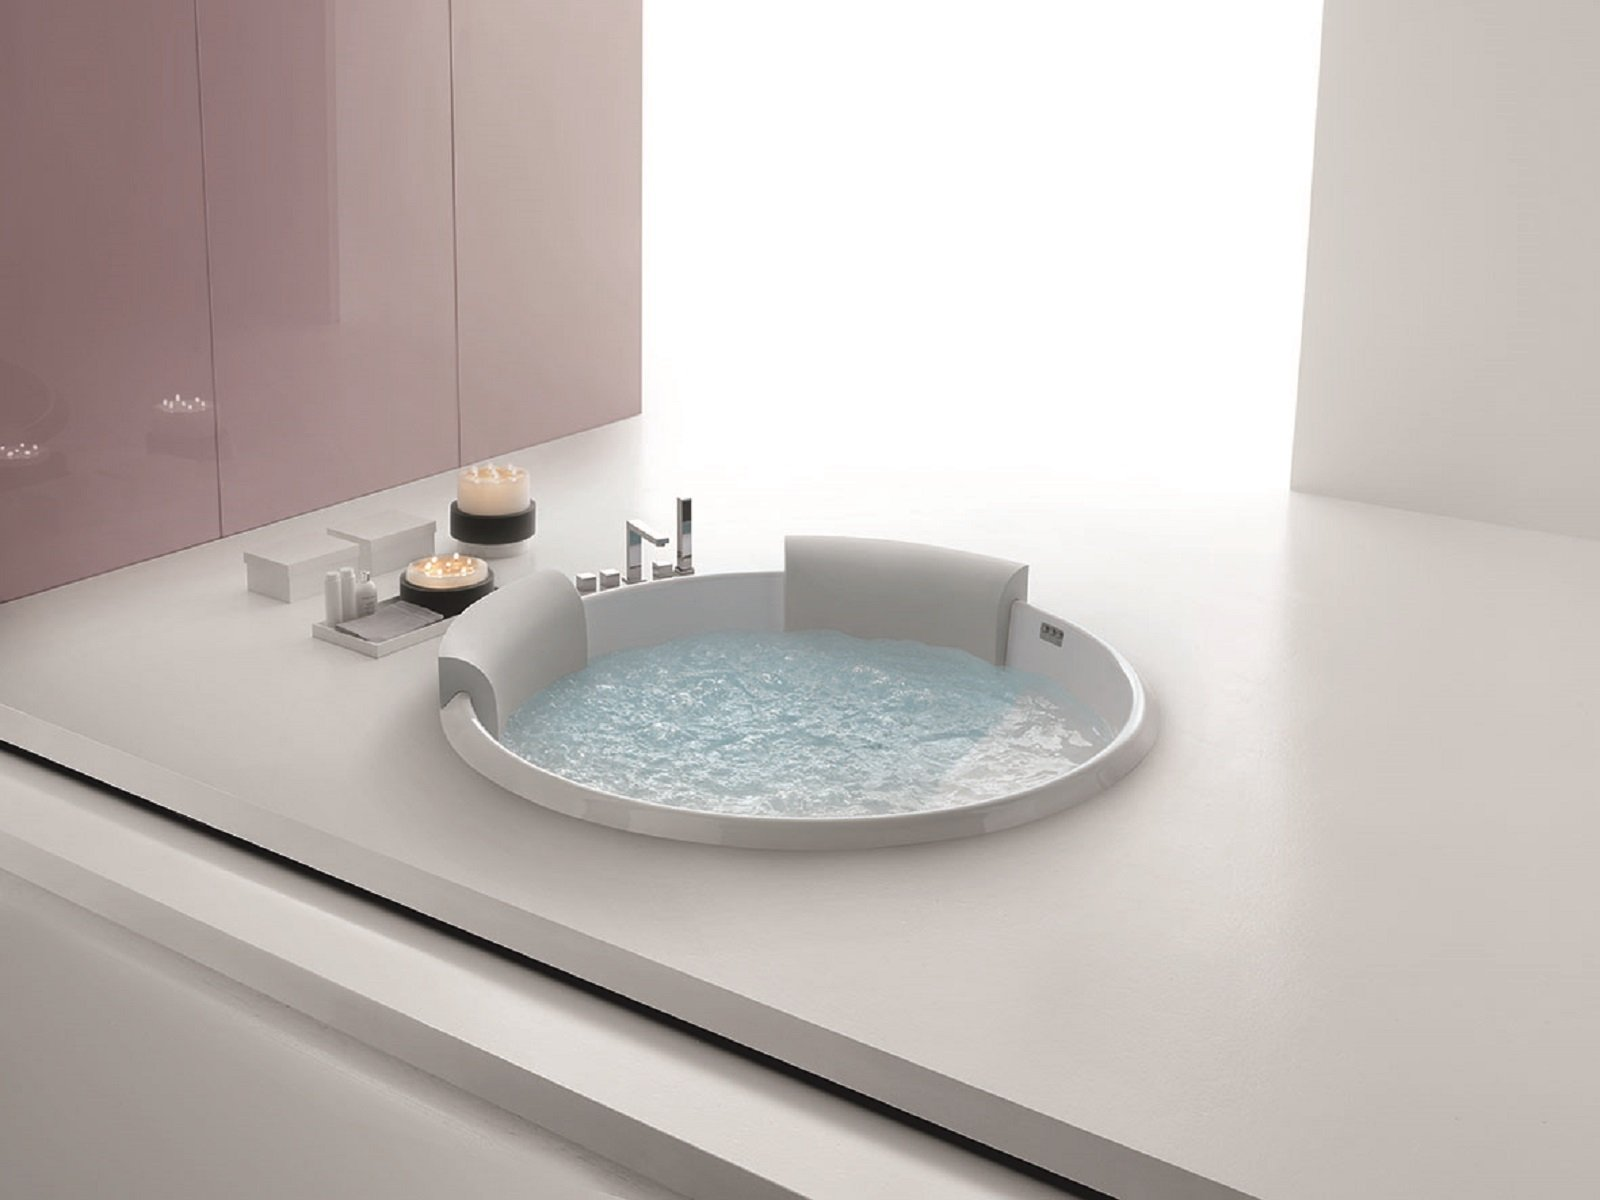 Vasche da incasso a parete o nell angolo - Vasche da bagno usate ...